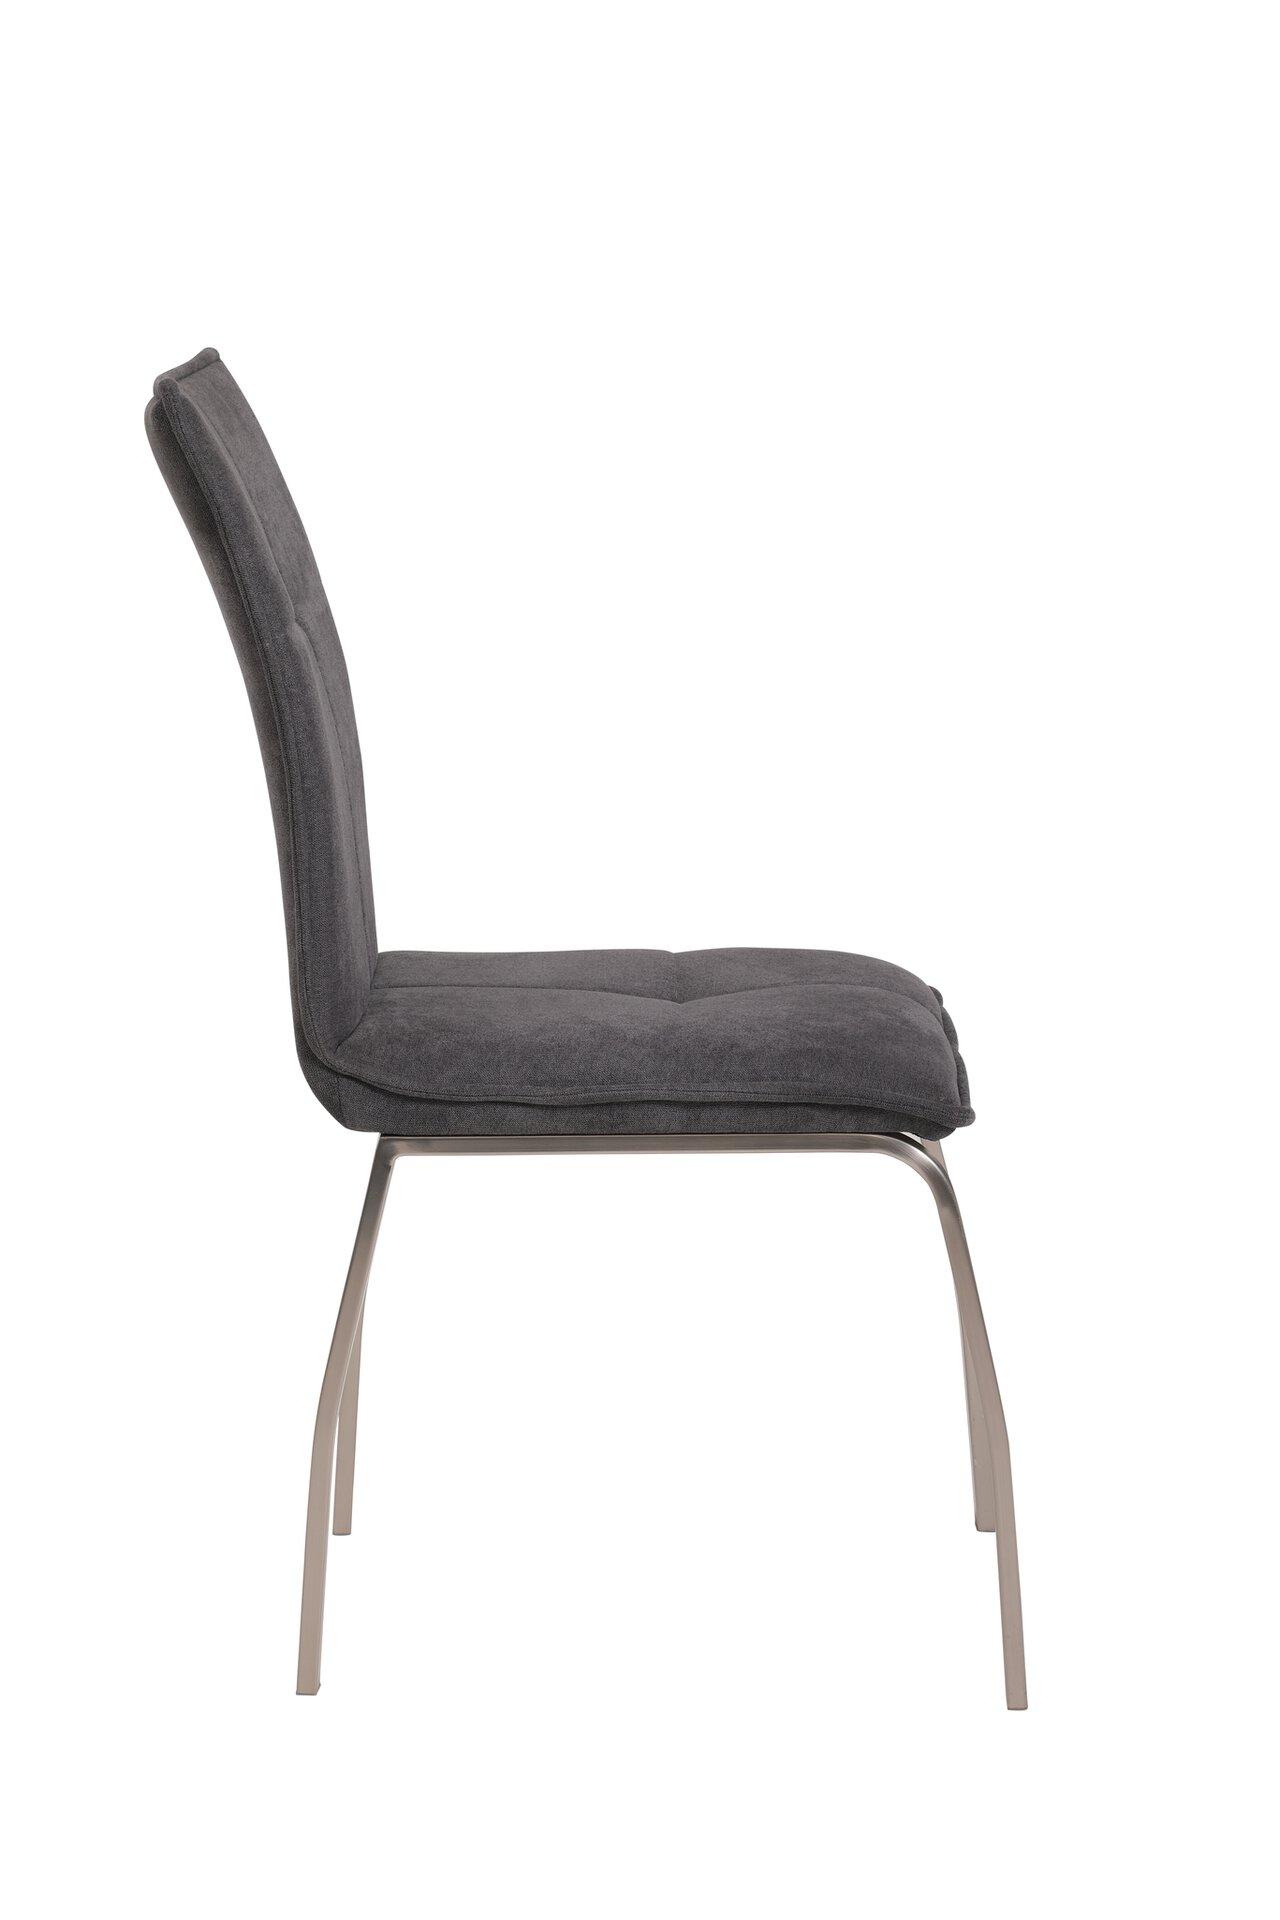 4-Fuß-Stuhl NENA S Dinett Textil 64 x 93 x 45 cm